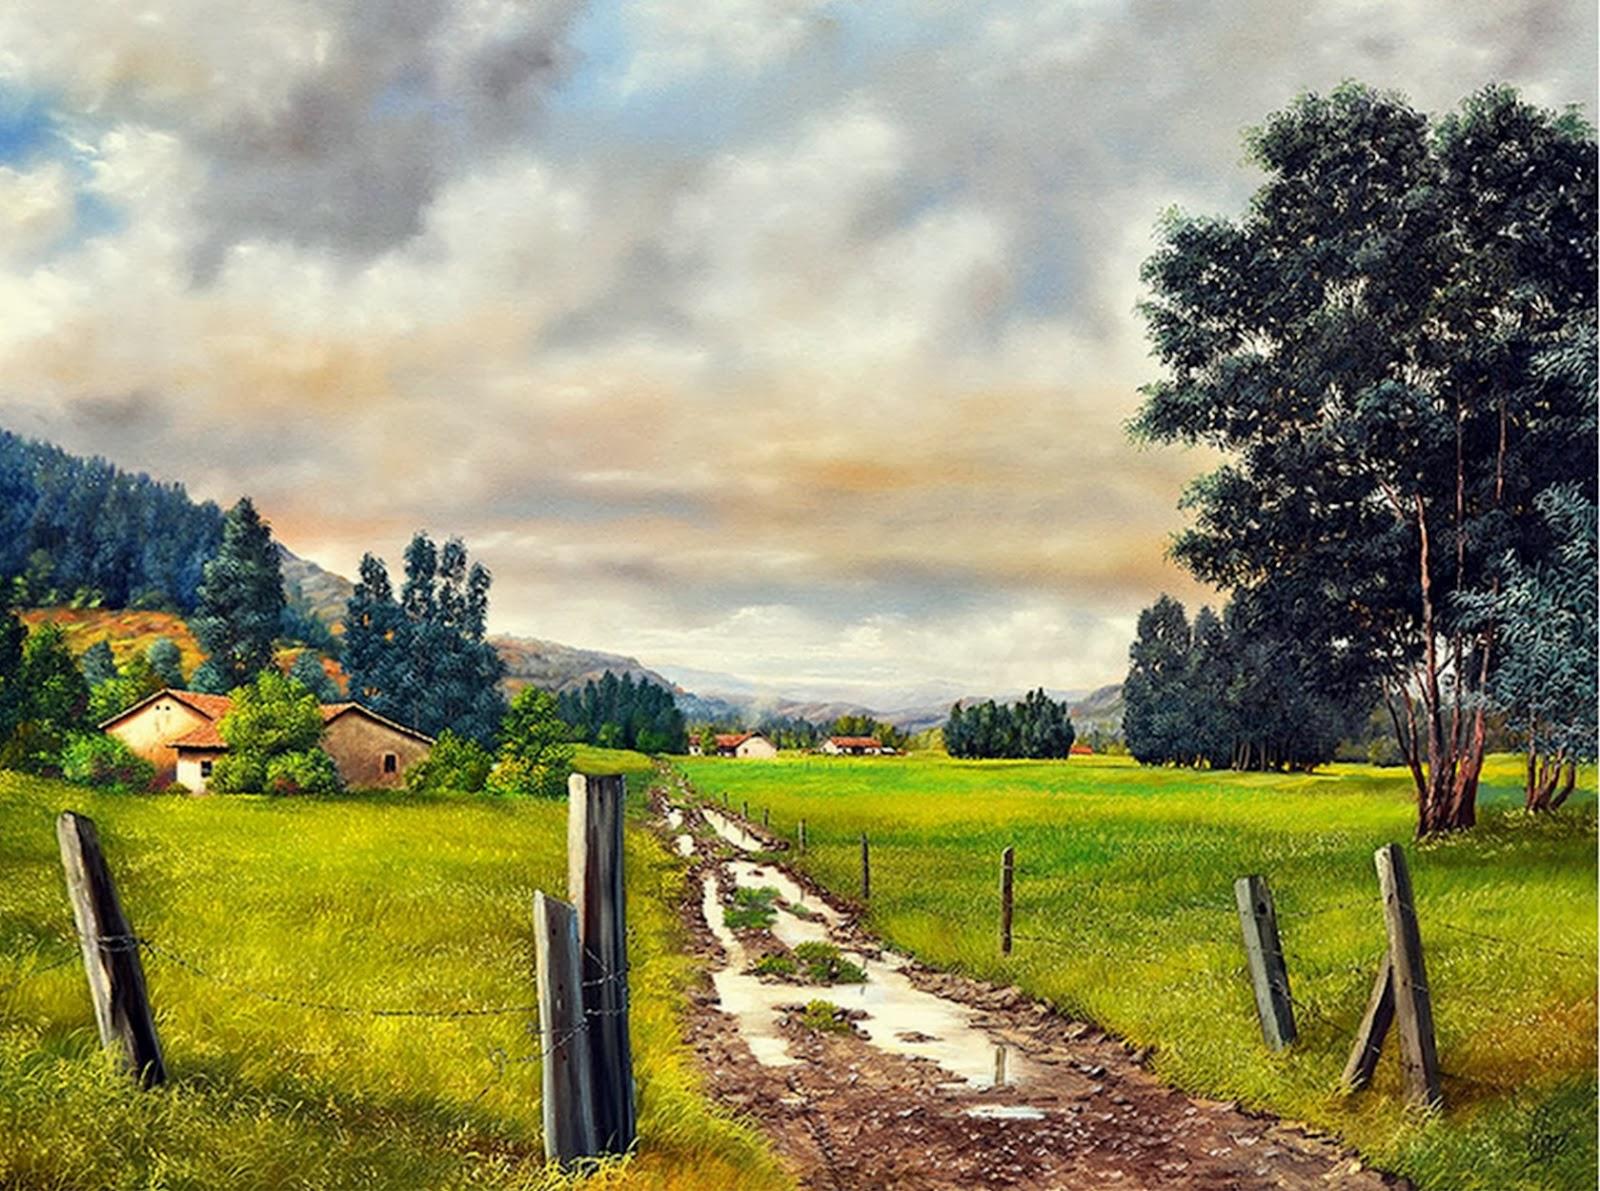 paisajes-campesinos-colombianos